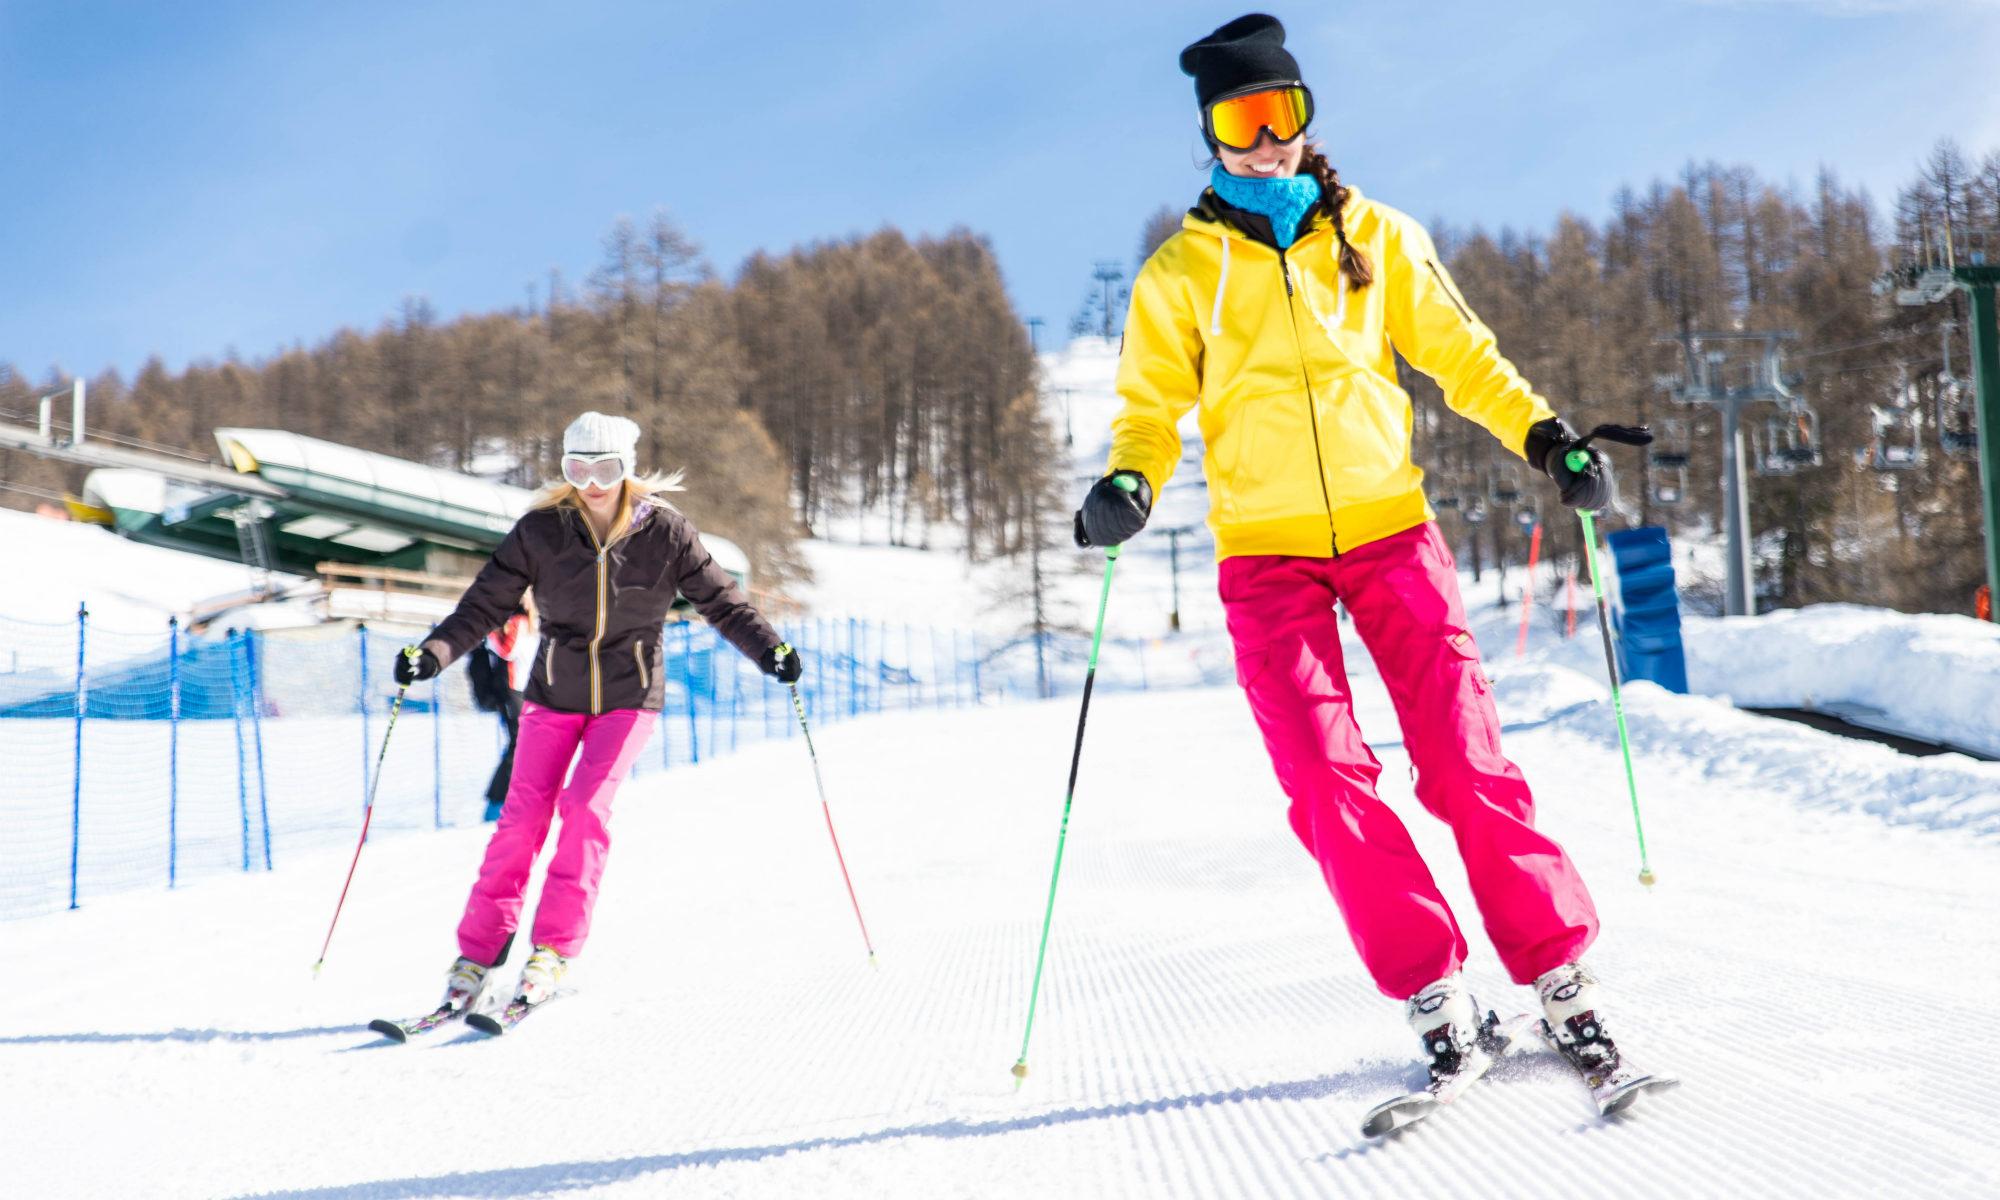 2 Frauen beim Skifahren auf einer einfachen Piste in Feldberg.